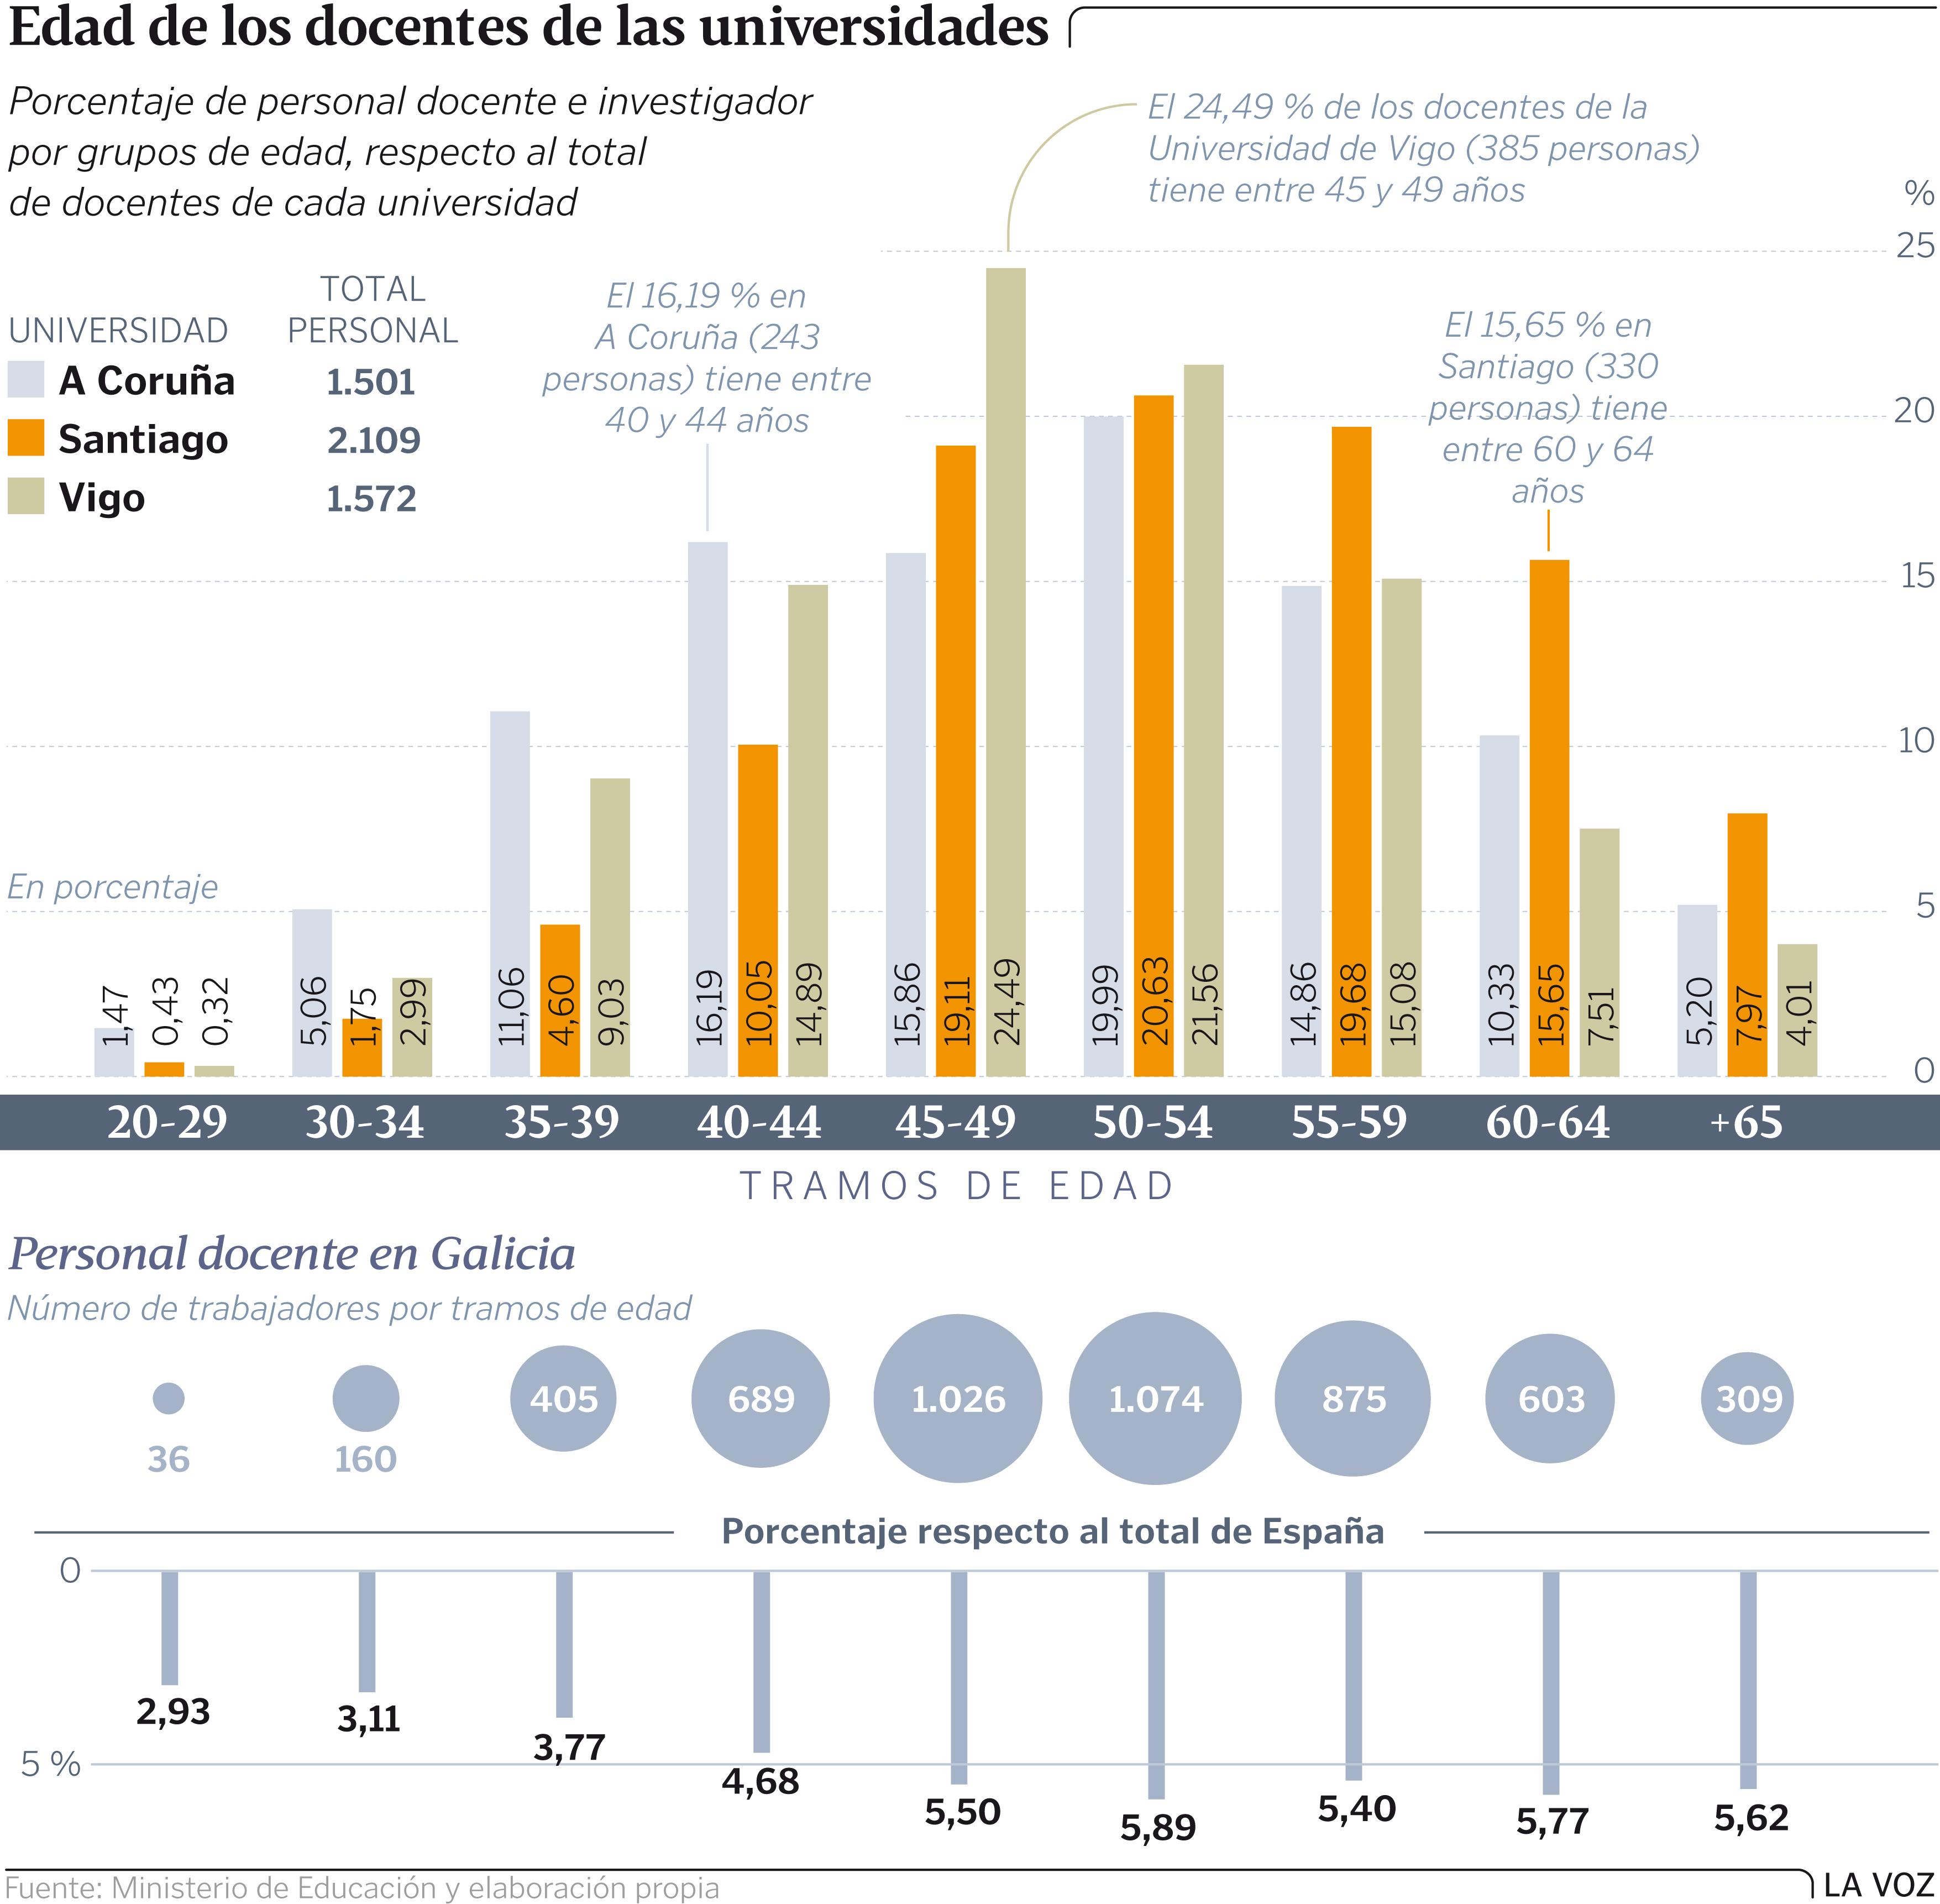 Aún hay clases en la Universidad en España. - Página 2 Gy1p10g1